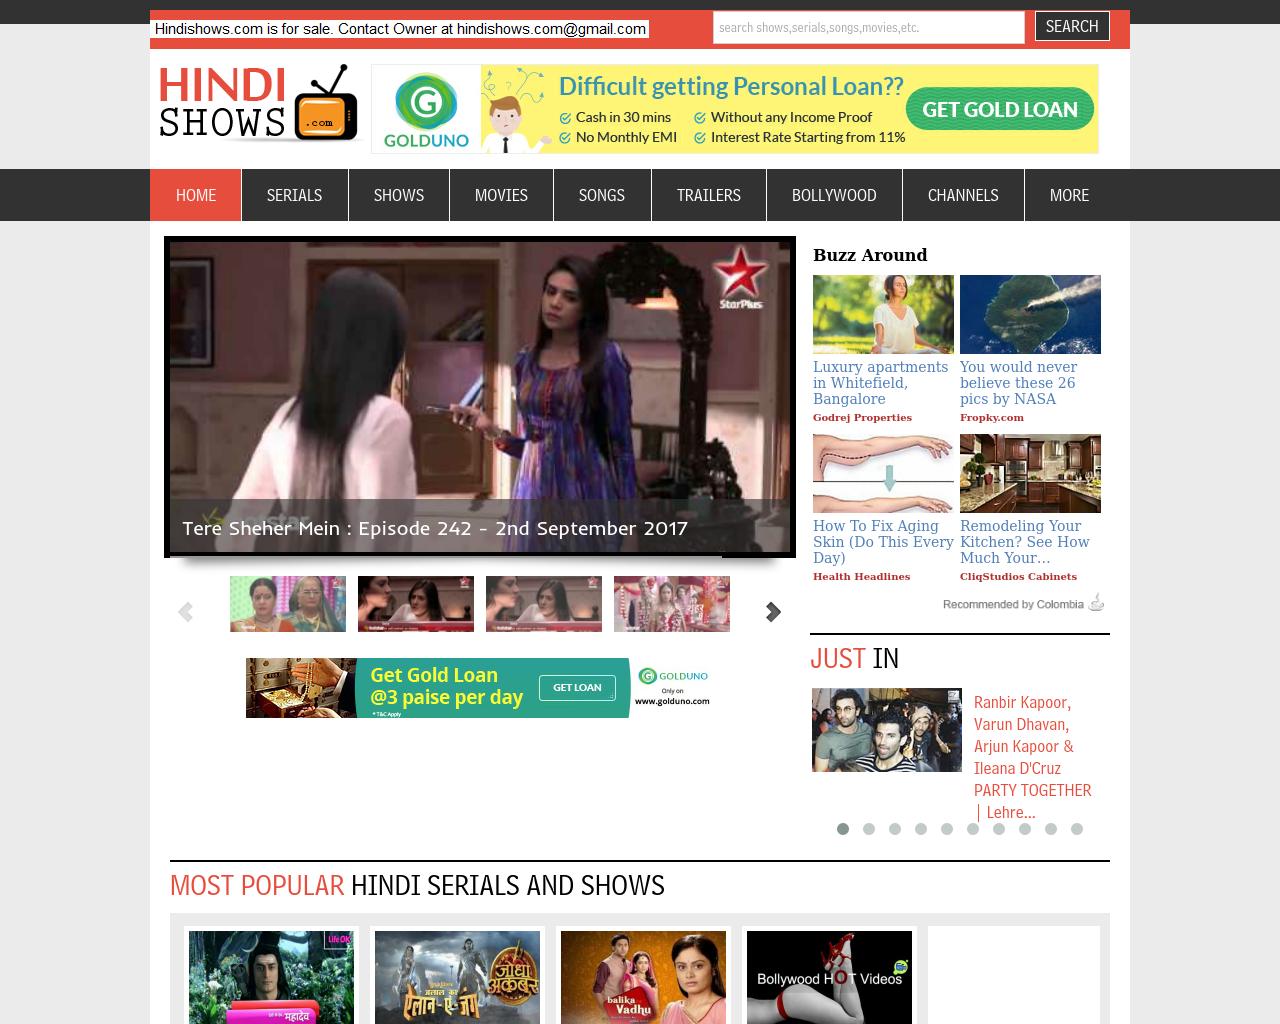 Hindi-Shows-Advertising-Reviews-Pricing